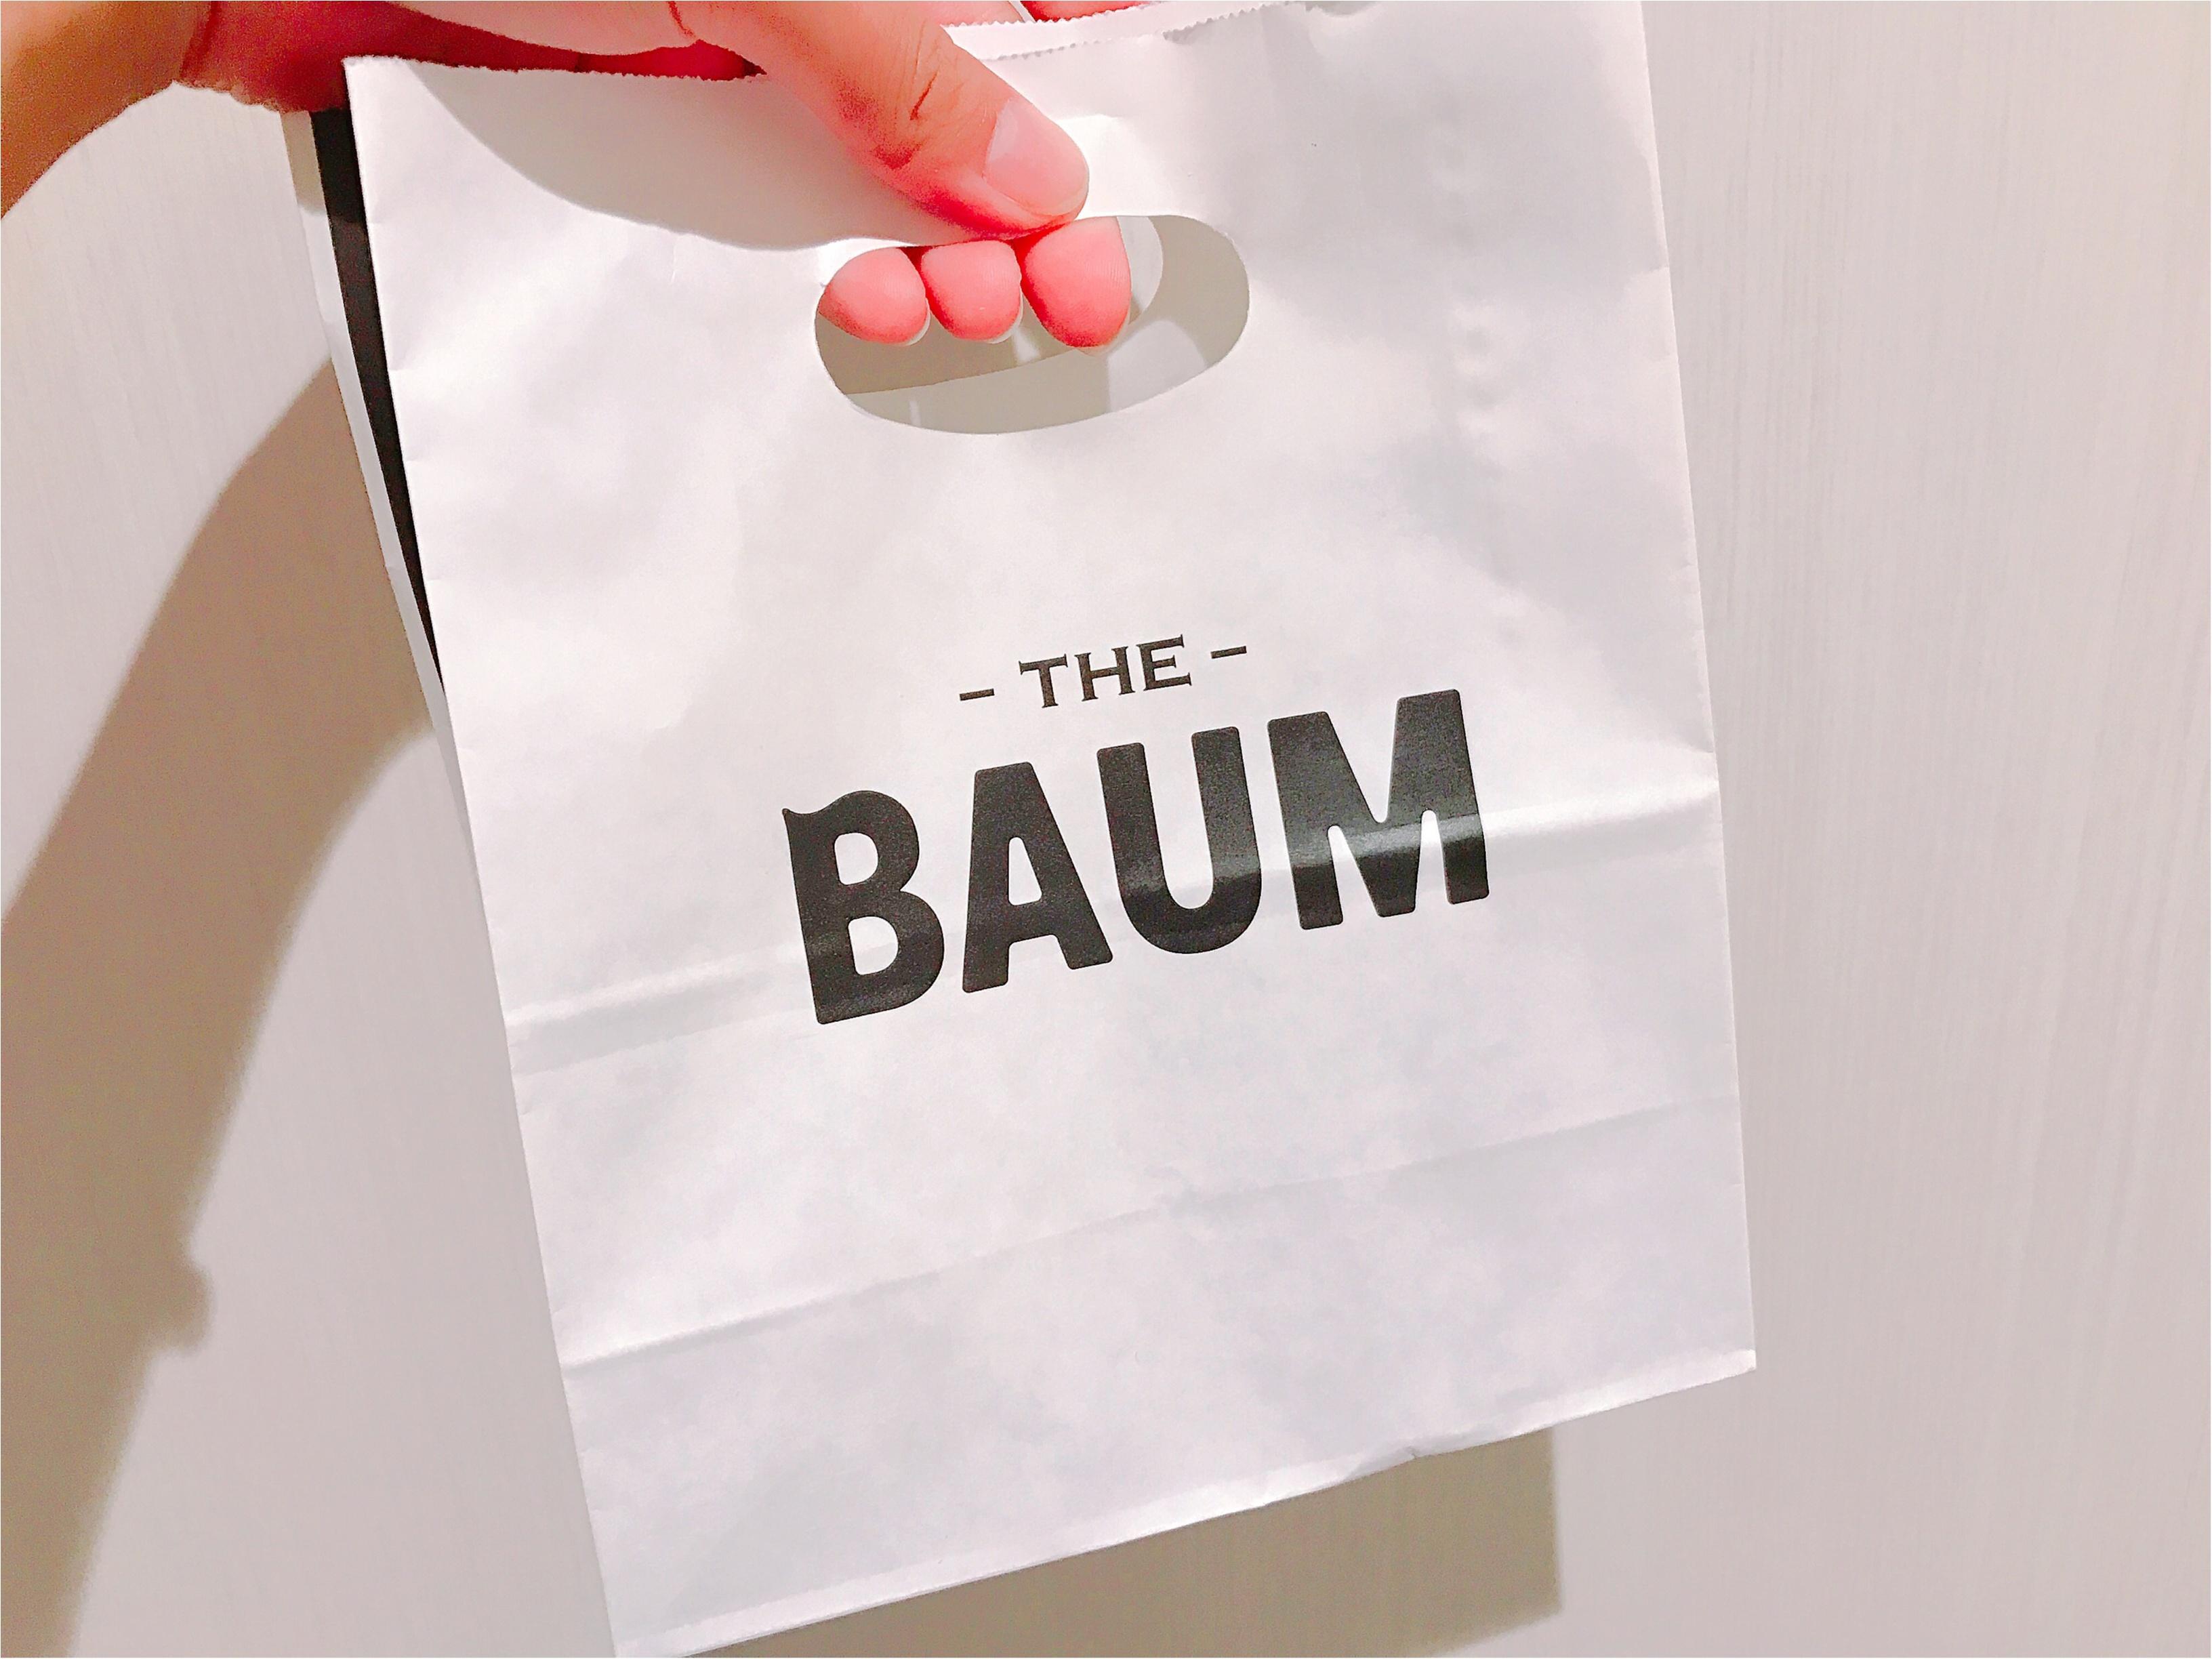 楽しみ方は3通り♪新感覚ハイブリッドスイーツ【THE BAUM】の《チーズ イン ザ バウム》が美味い♡_4